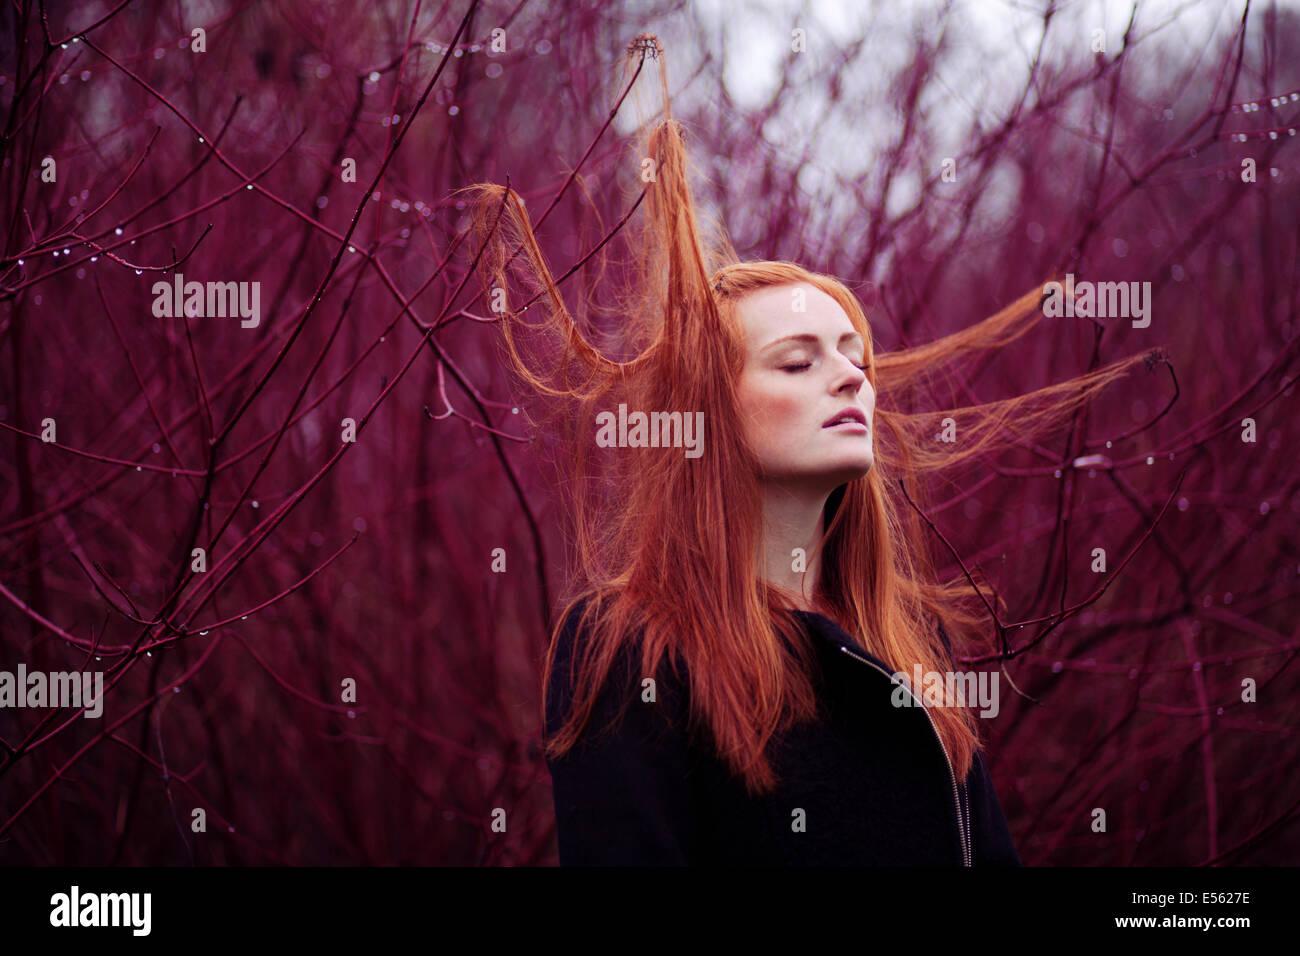 Donna con lunghi capelli rossi tra i rami, ritratto Immagini Stock